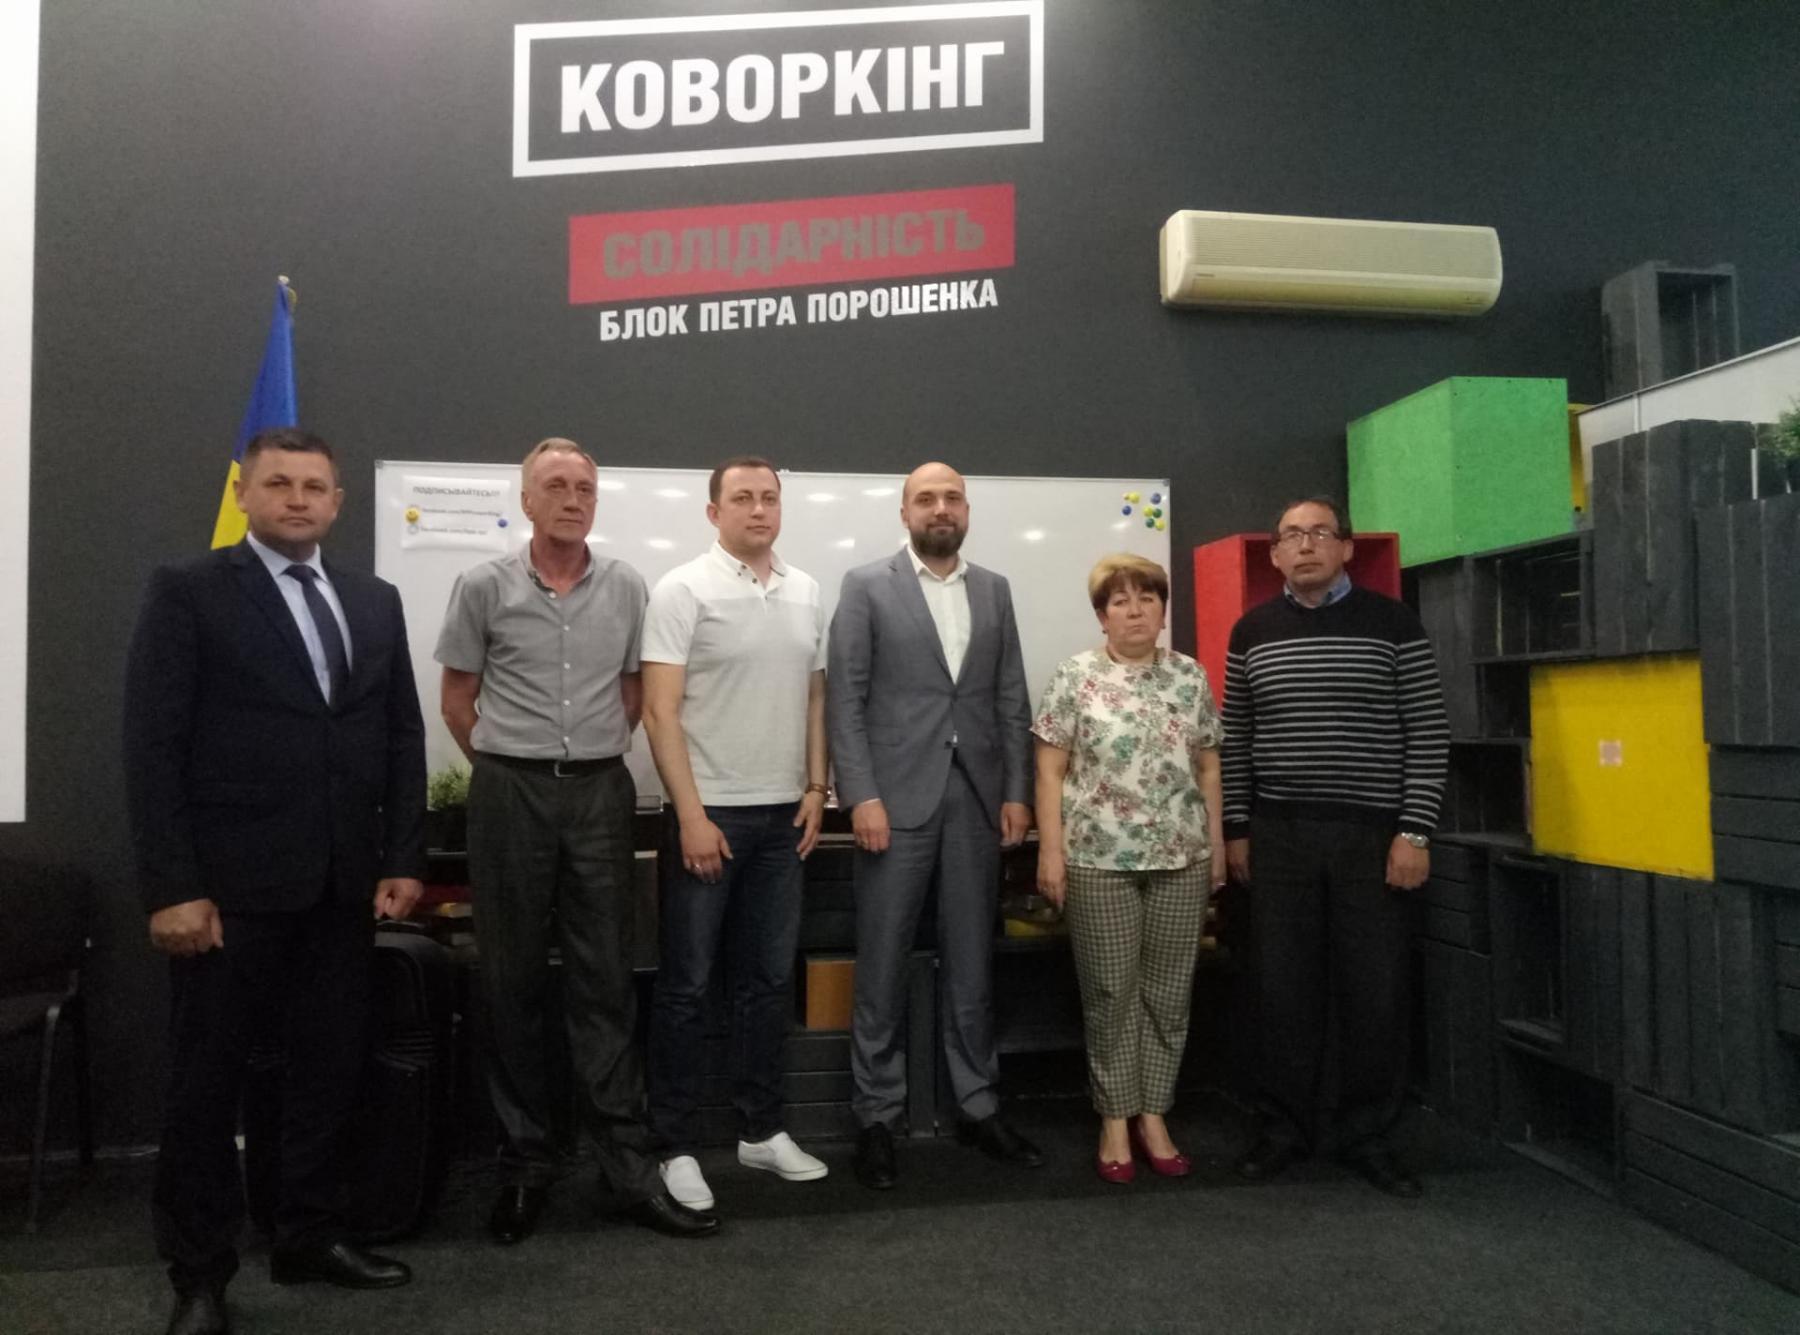 Жители Запорожской области поддержали команду Президента на выборах в ОТГ – фото